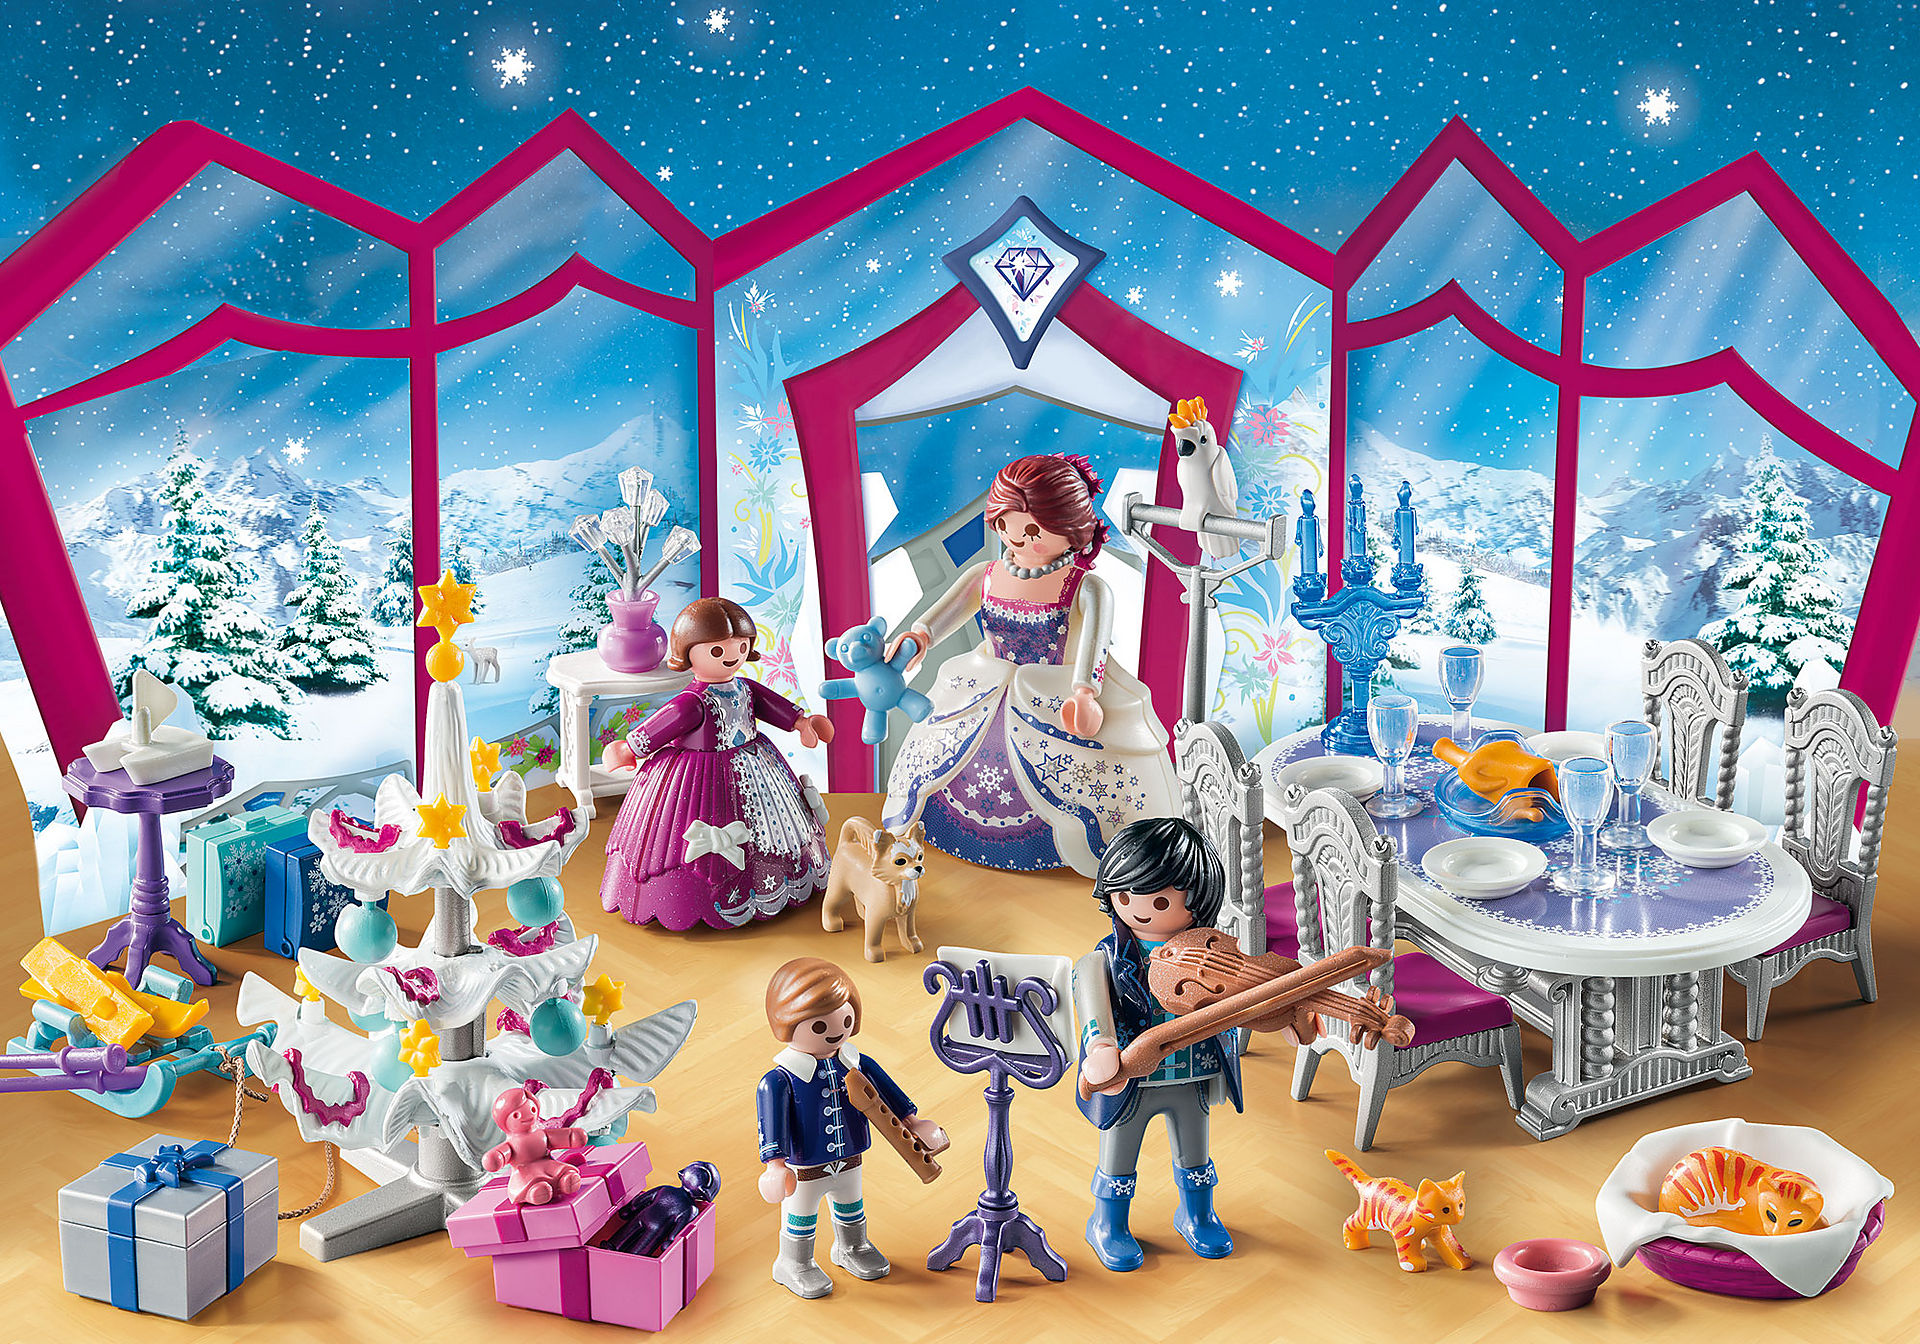 9485 Adventskalender 'Kerstfeest in het kristallen salon'  zoom image3